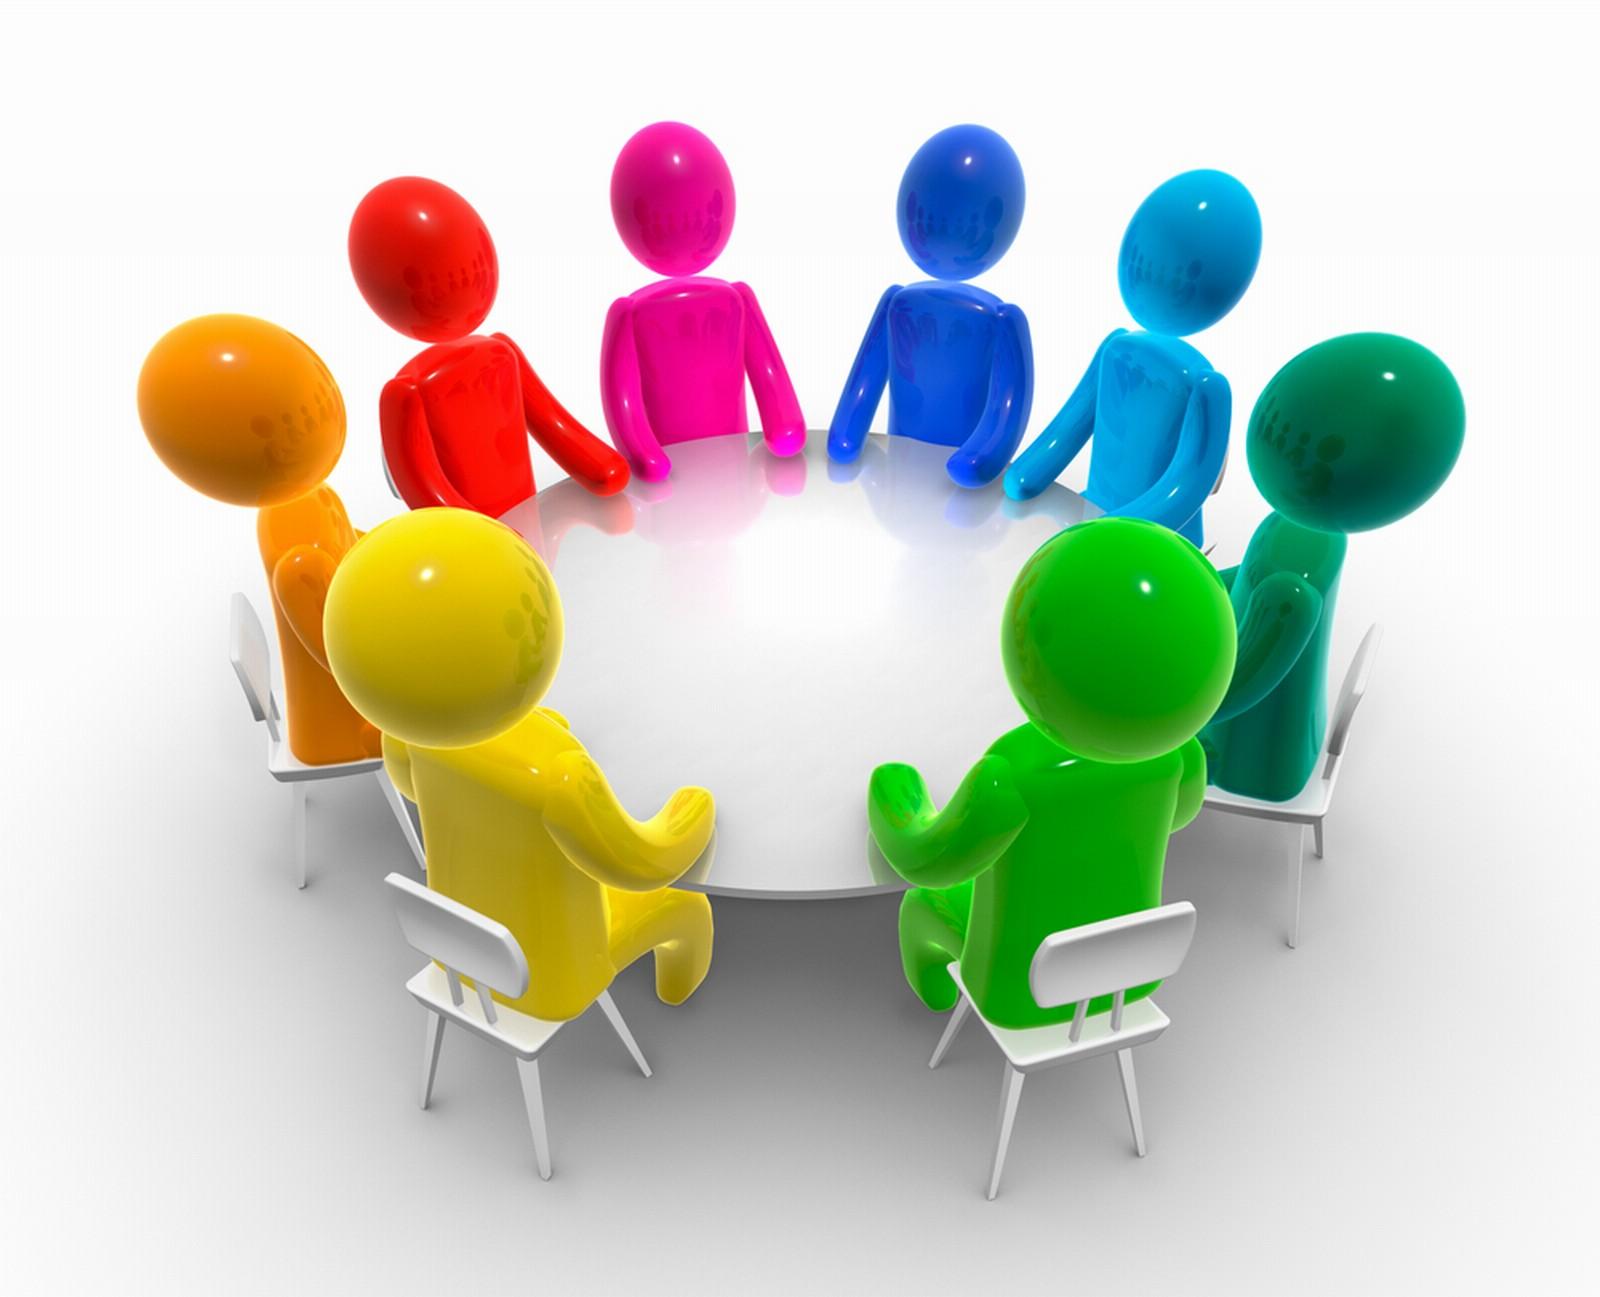 Rinviato al 22 gennaio incontro Genitori IN_Formazione